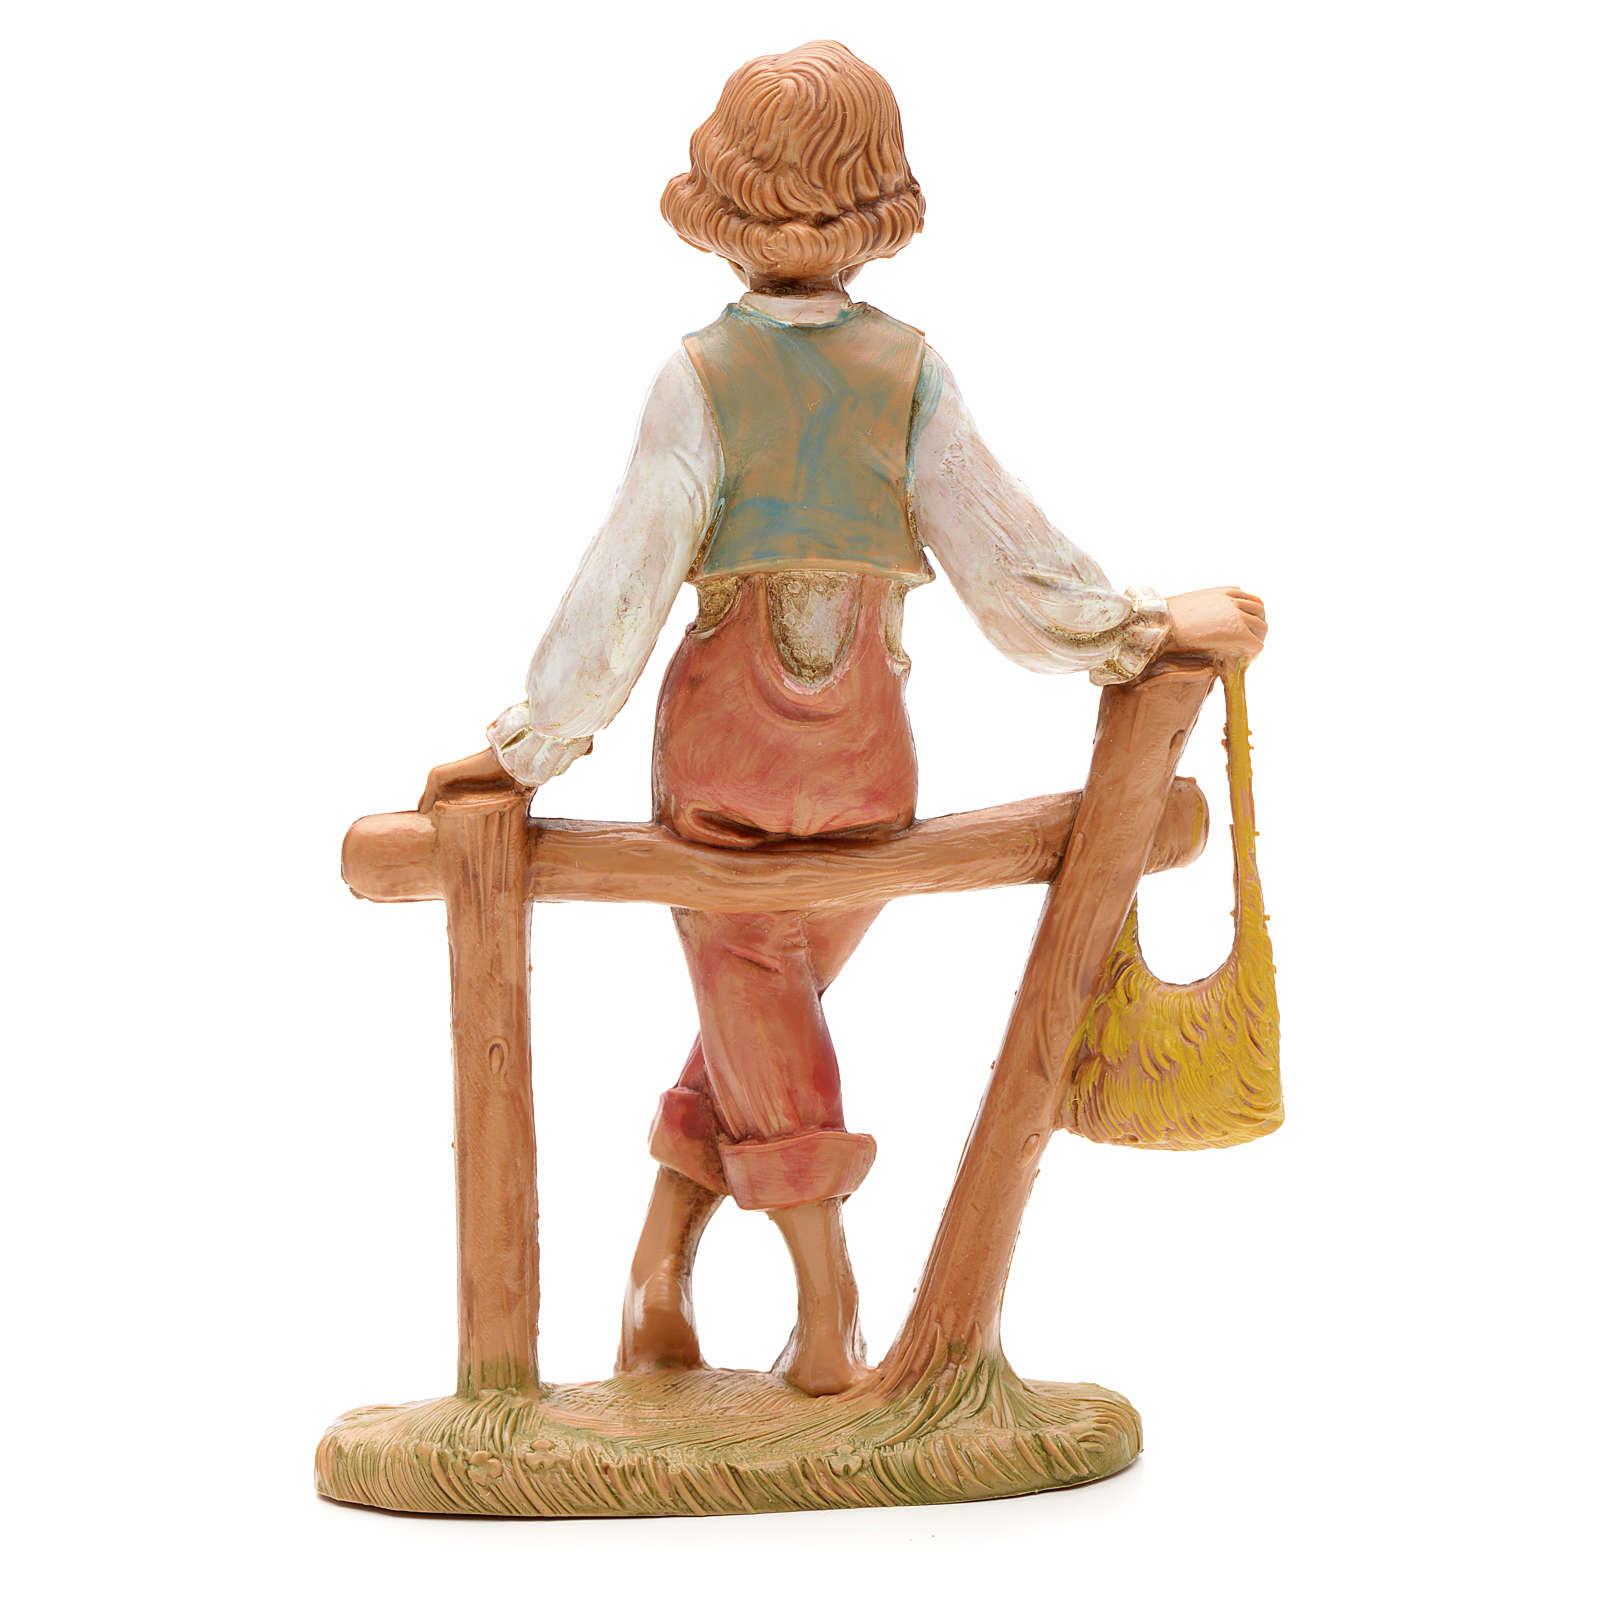 Garçon sur palissade crèche Fontanini 12 cm 4